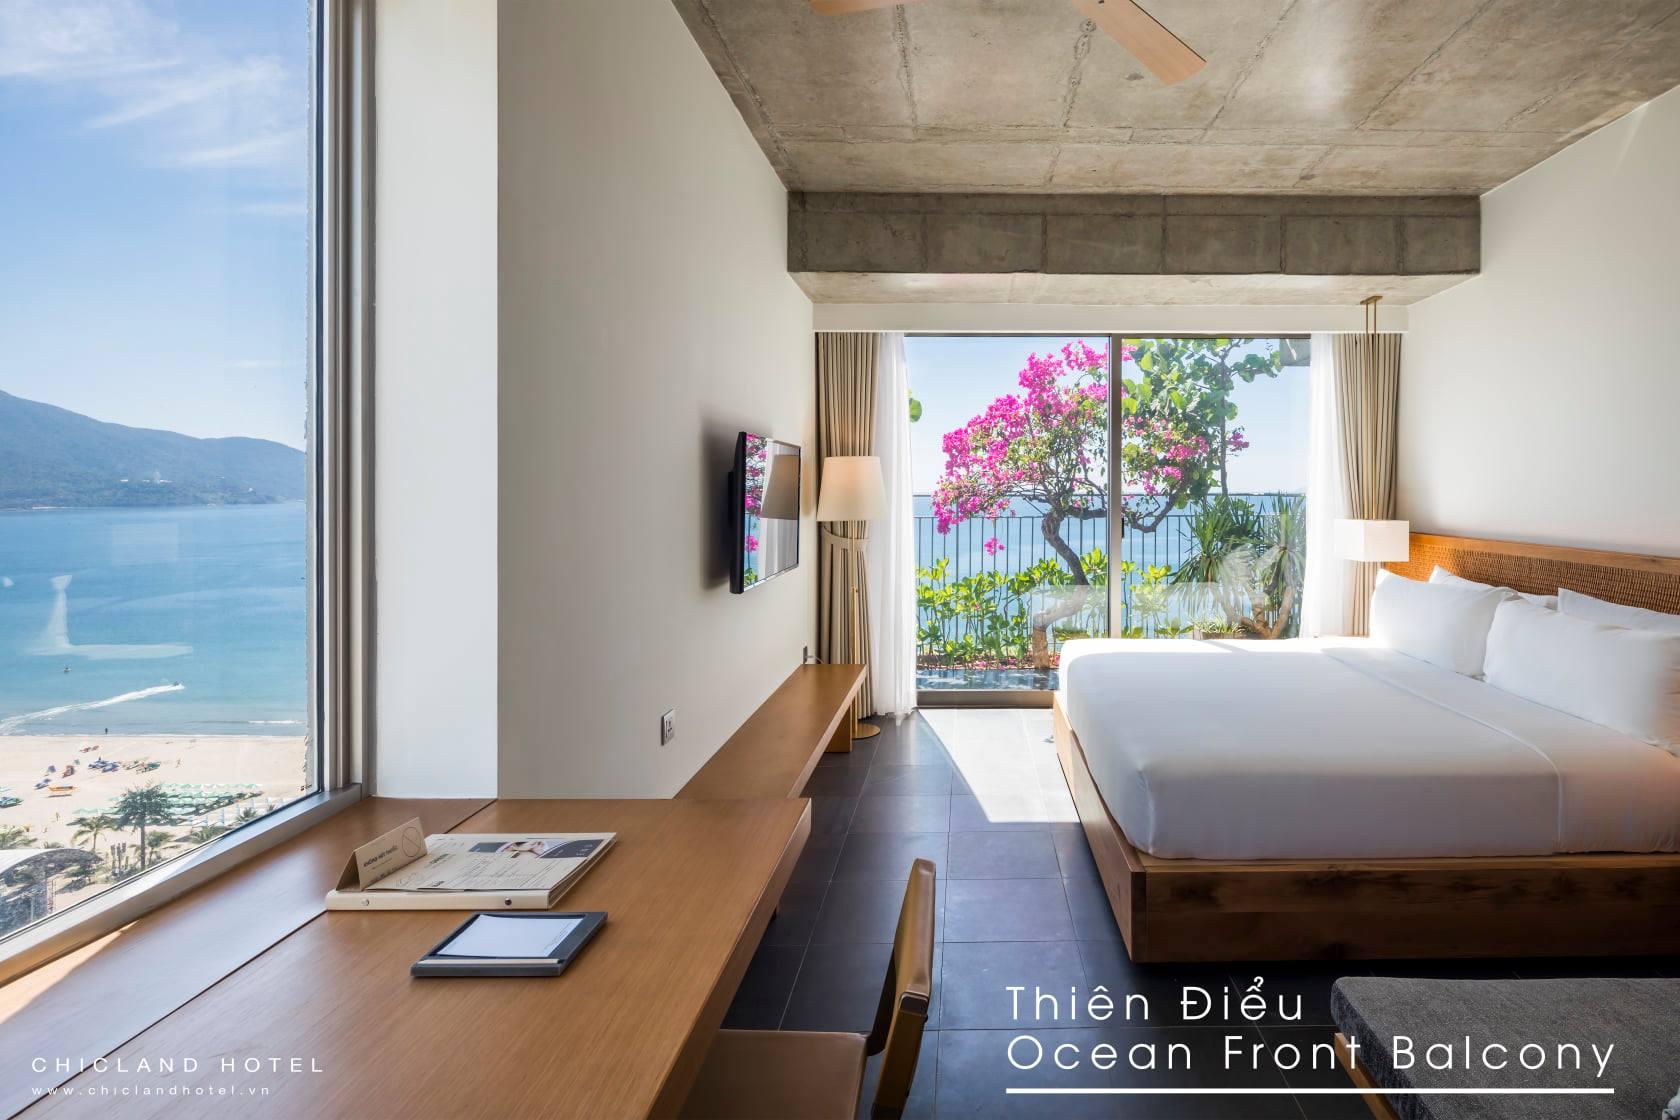 Phòng Thiên Điểu Ocean Front Balcony